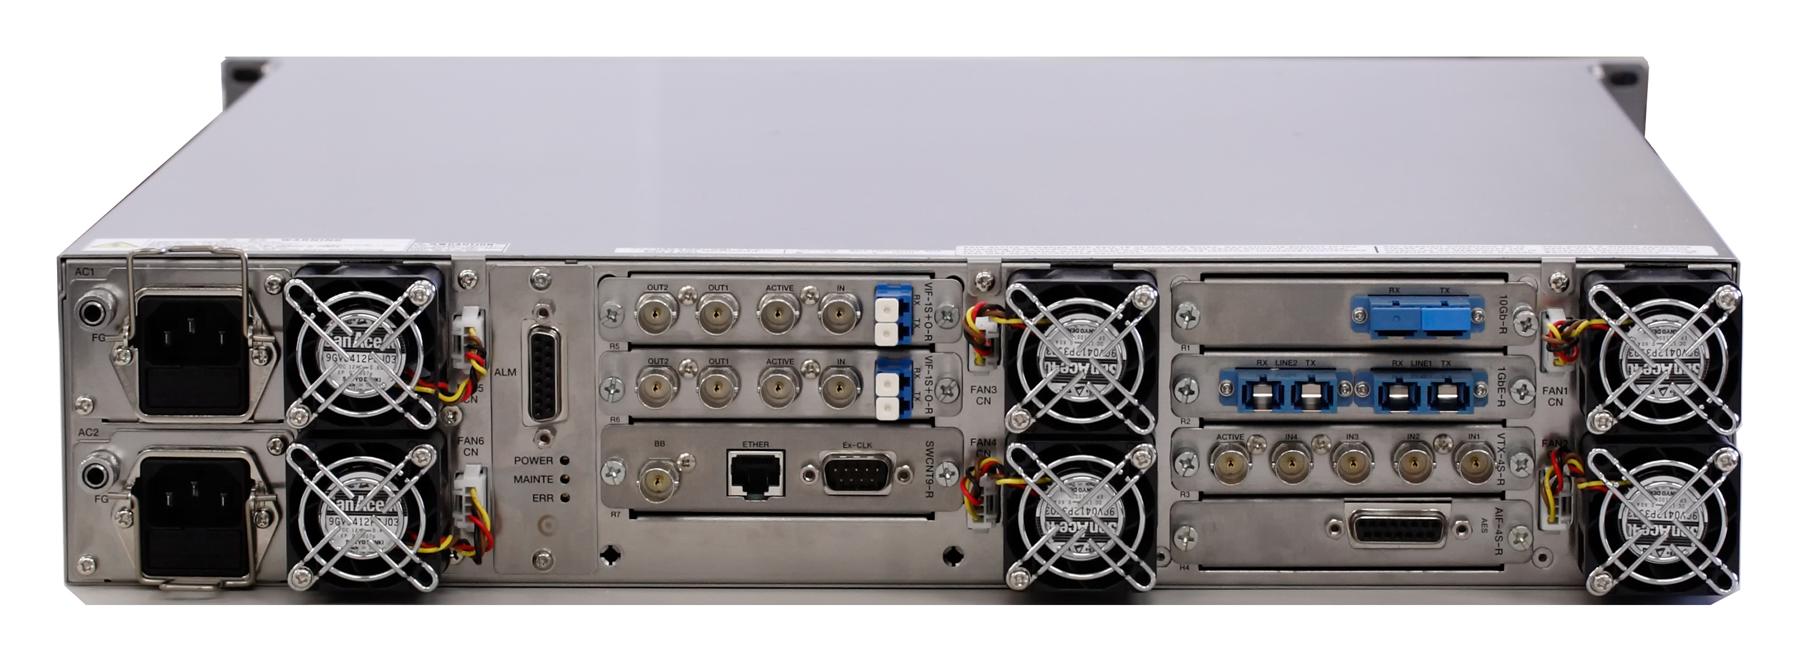 MD8000SX-R